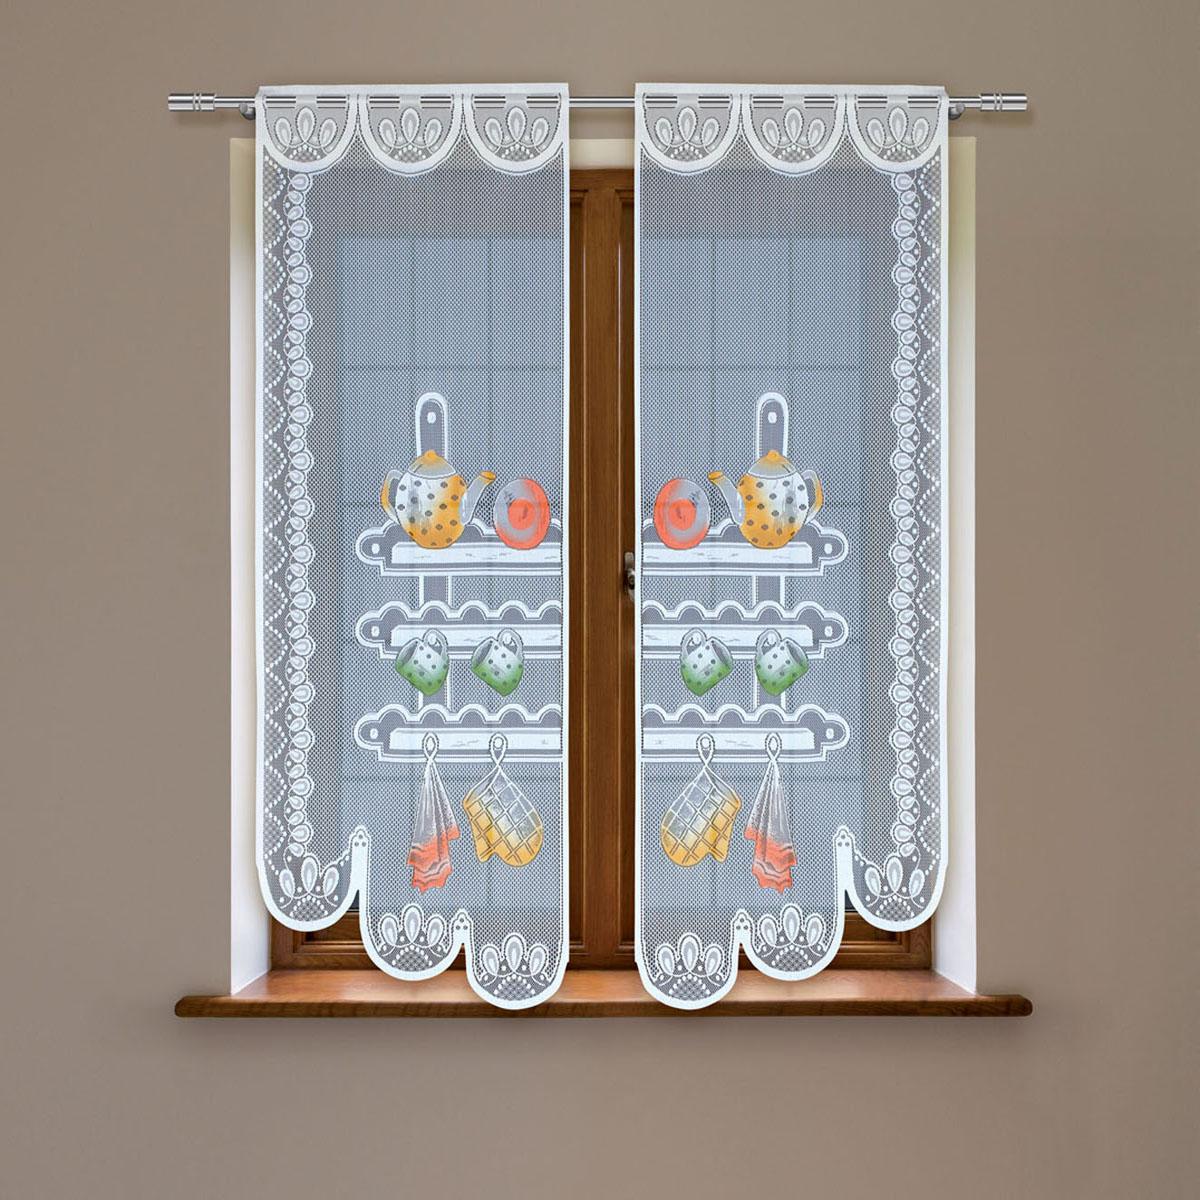 Гардина Haft, цвет: белый, высота 160 см. 8603С/60S03301004Гардина имеет в верхней части полотна прорези, через которые гардина-витраж вывешивается на карниз или можно крепить на зажим для штор,котрый в комплект не входит.Комплект состоит из двух полотен (выс.160* шир.60) Размеры: (высота 160* ширина 60)*2